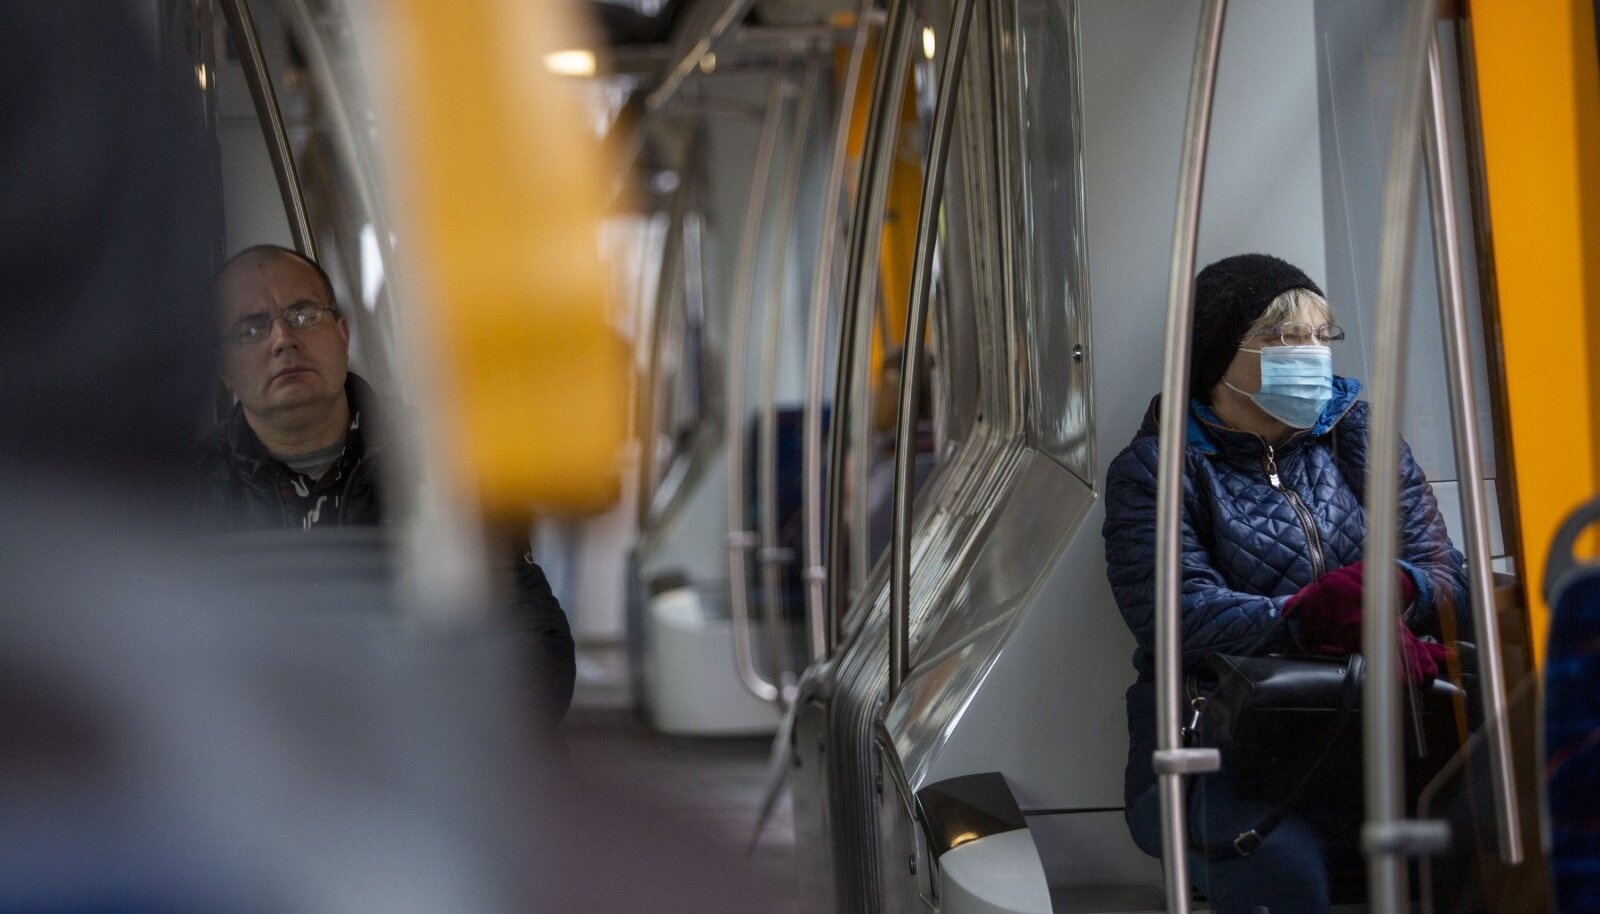 Uus linnavõim tahab suunata autoliiklejad ühistransporti ja kergliiklusse.